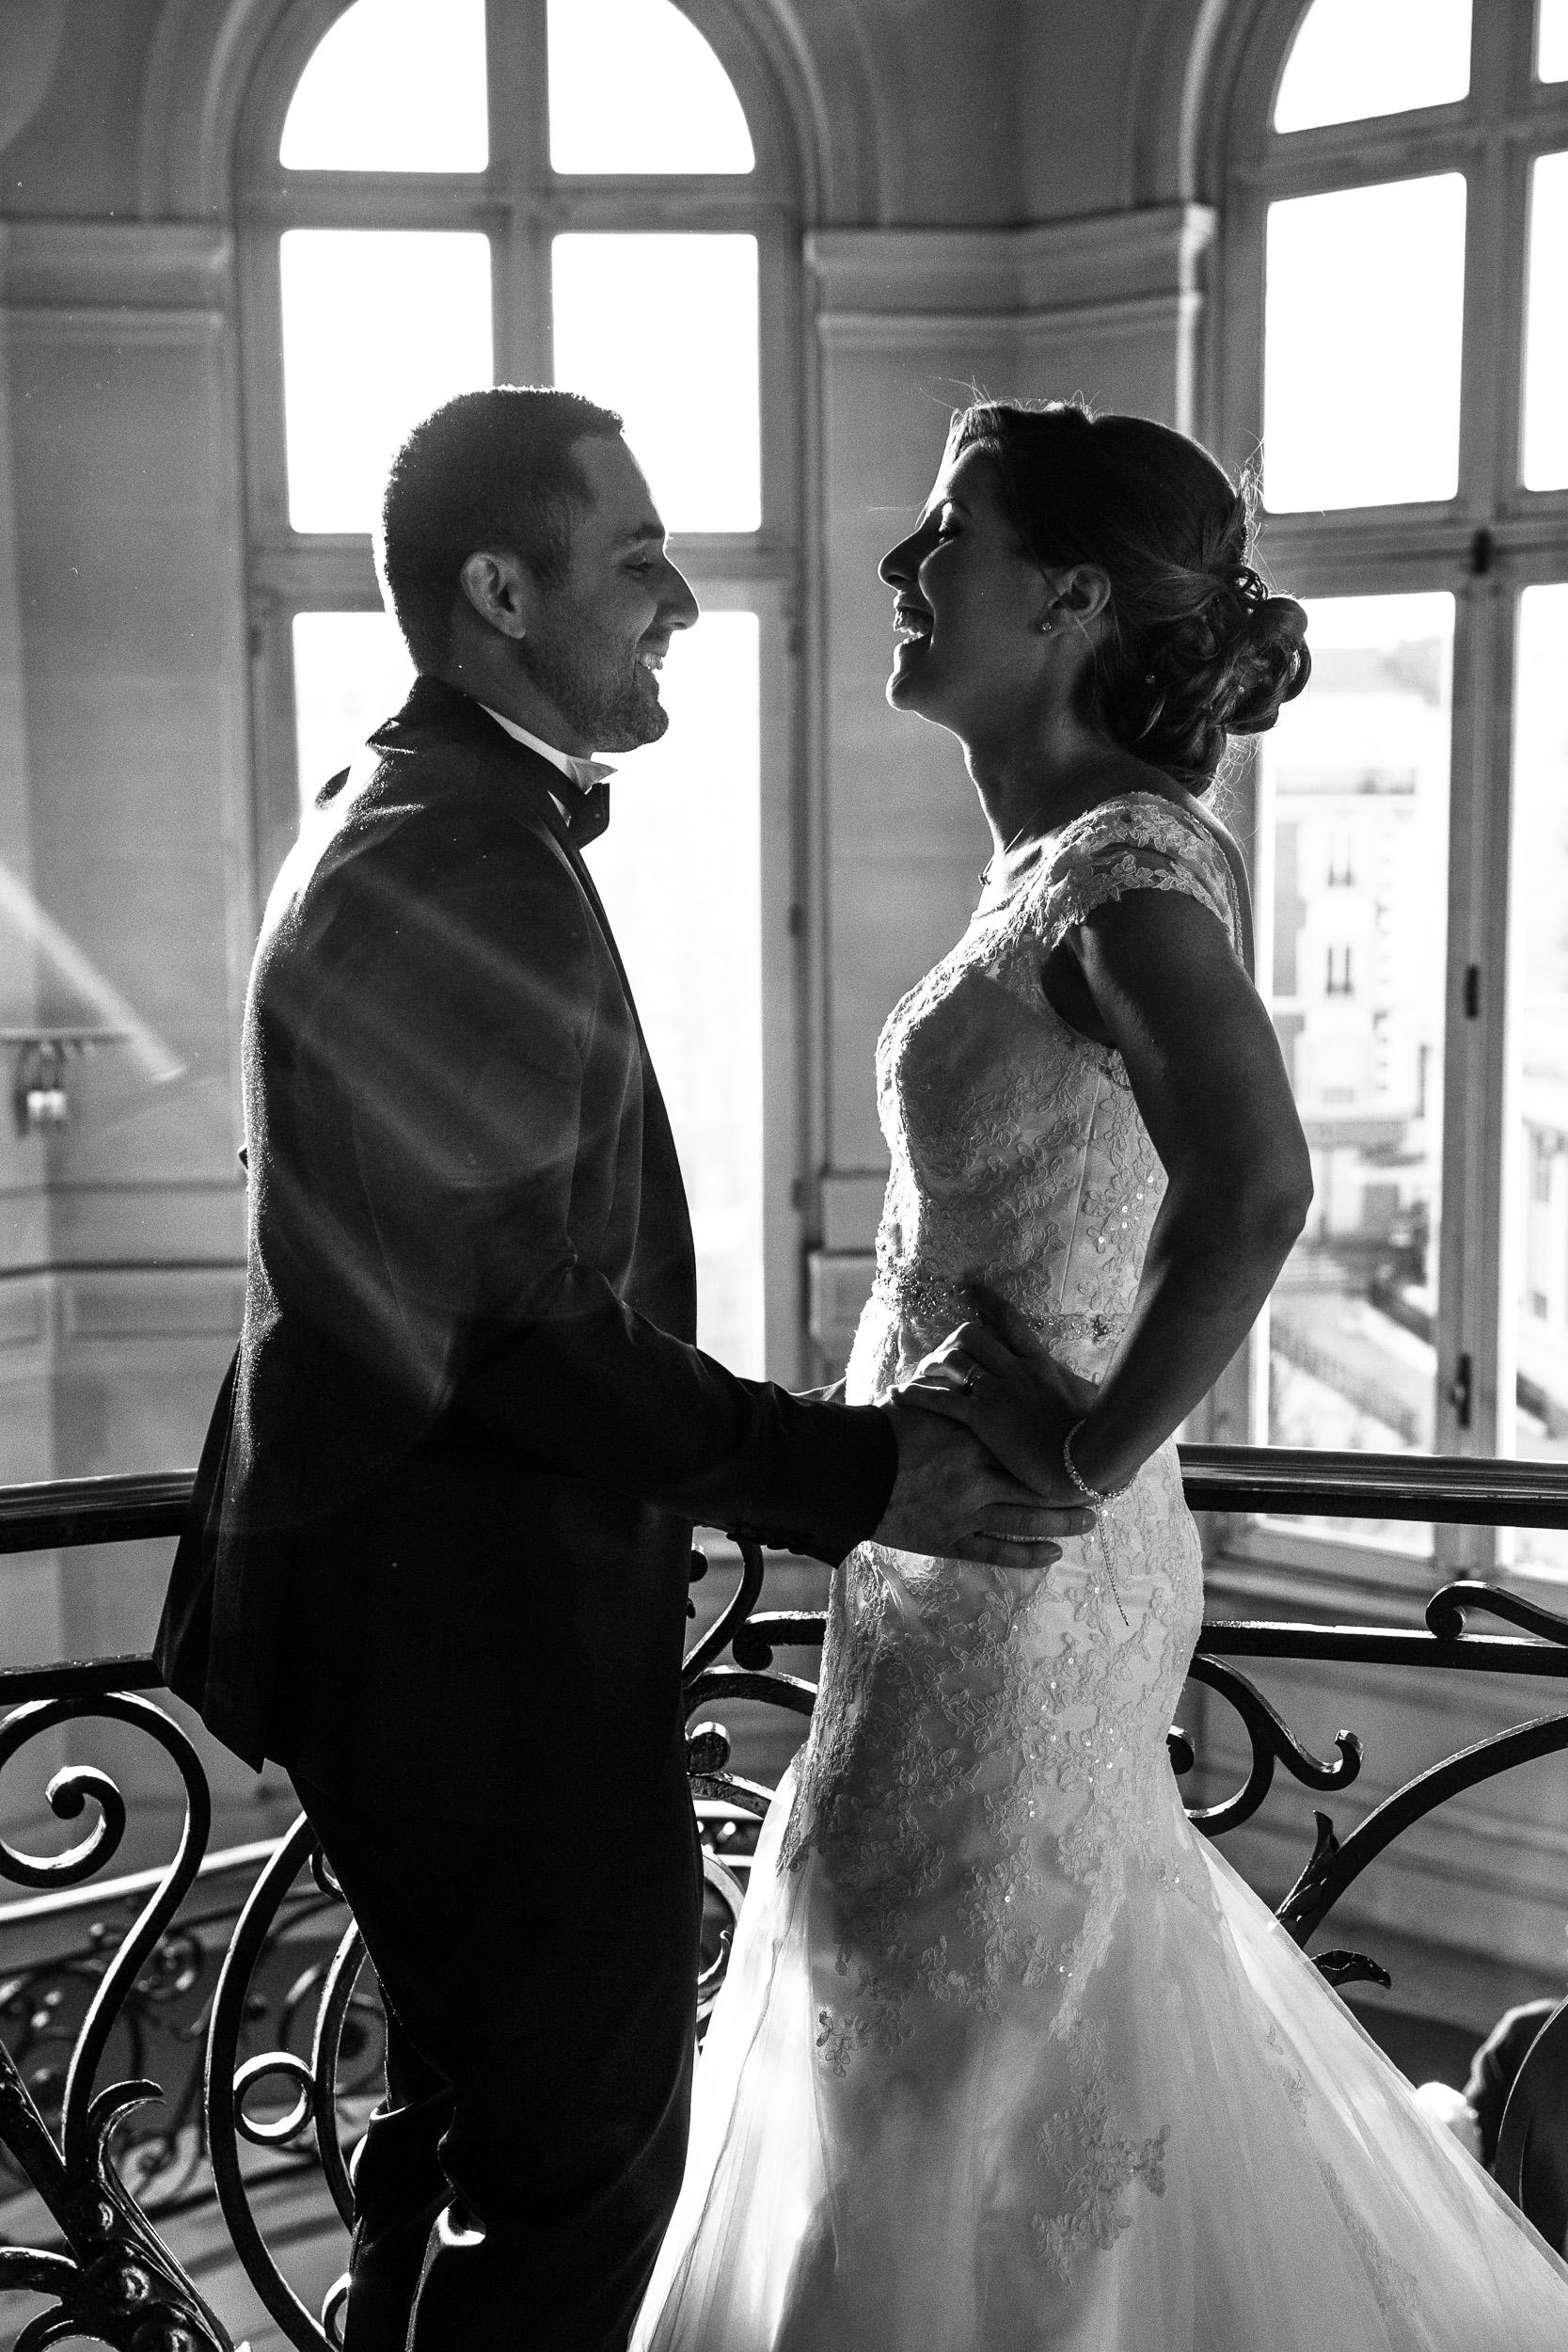 mariage asniere sur seine (3)